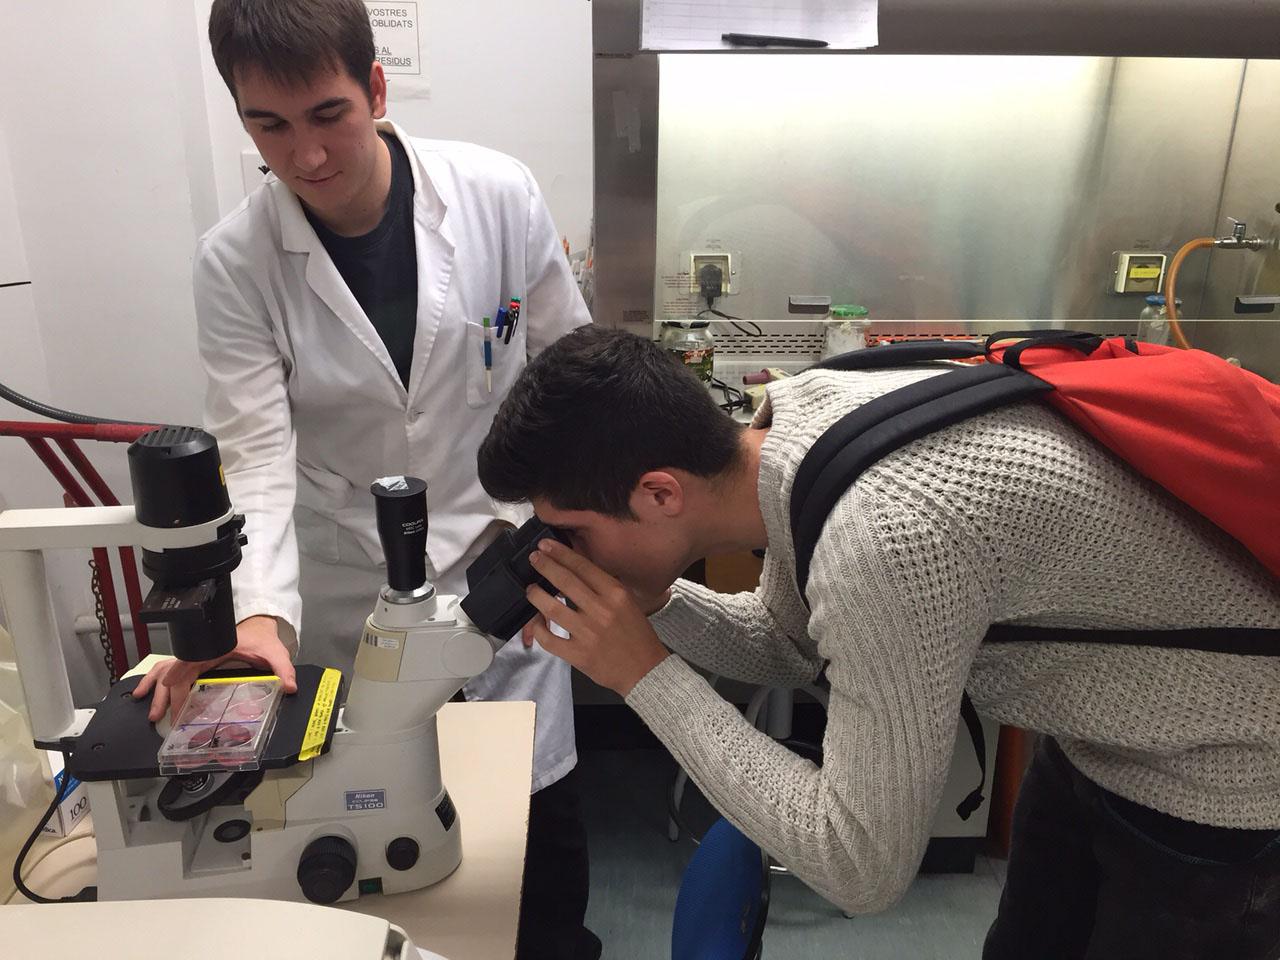 De professió, científic